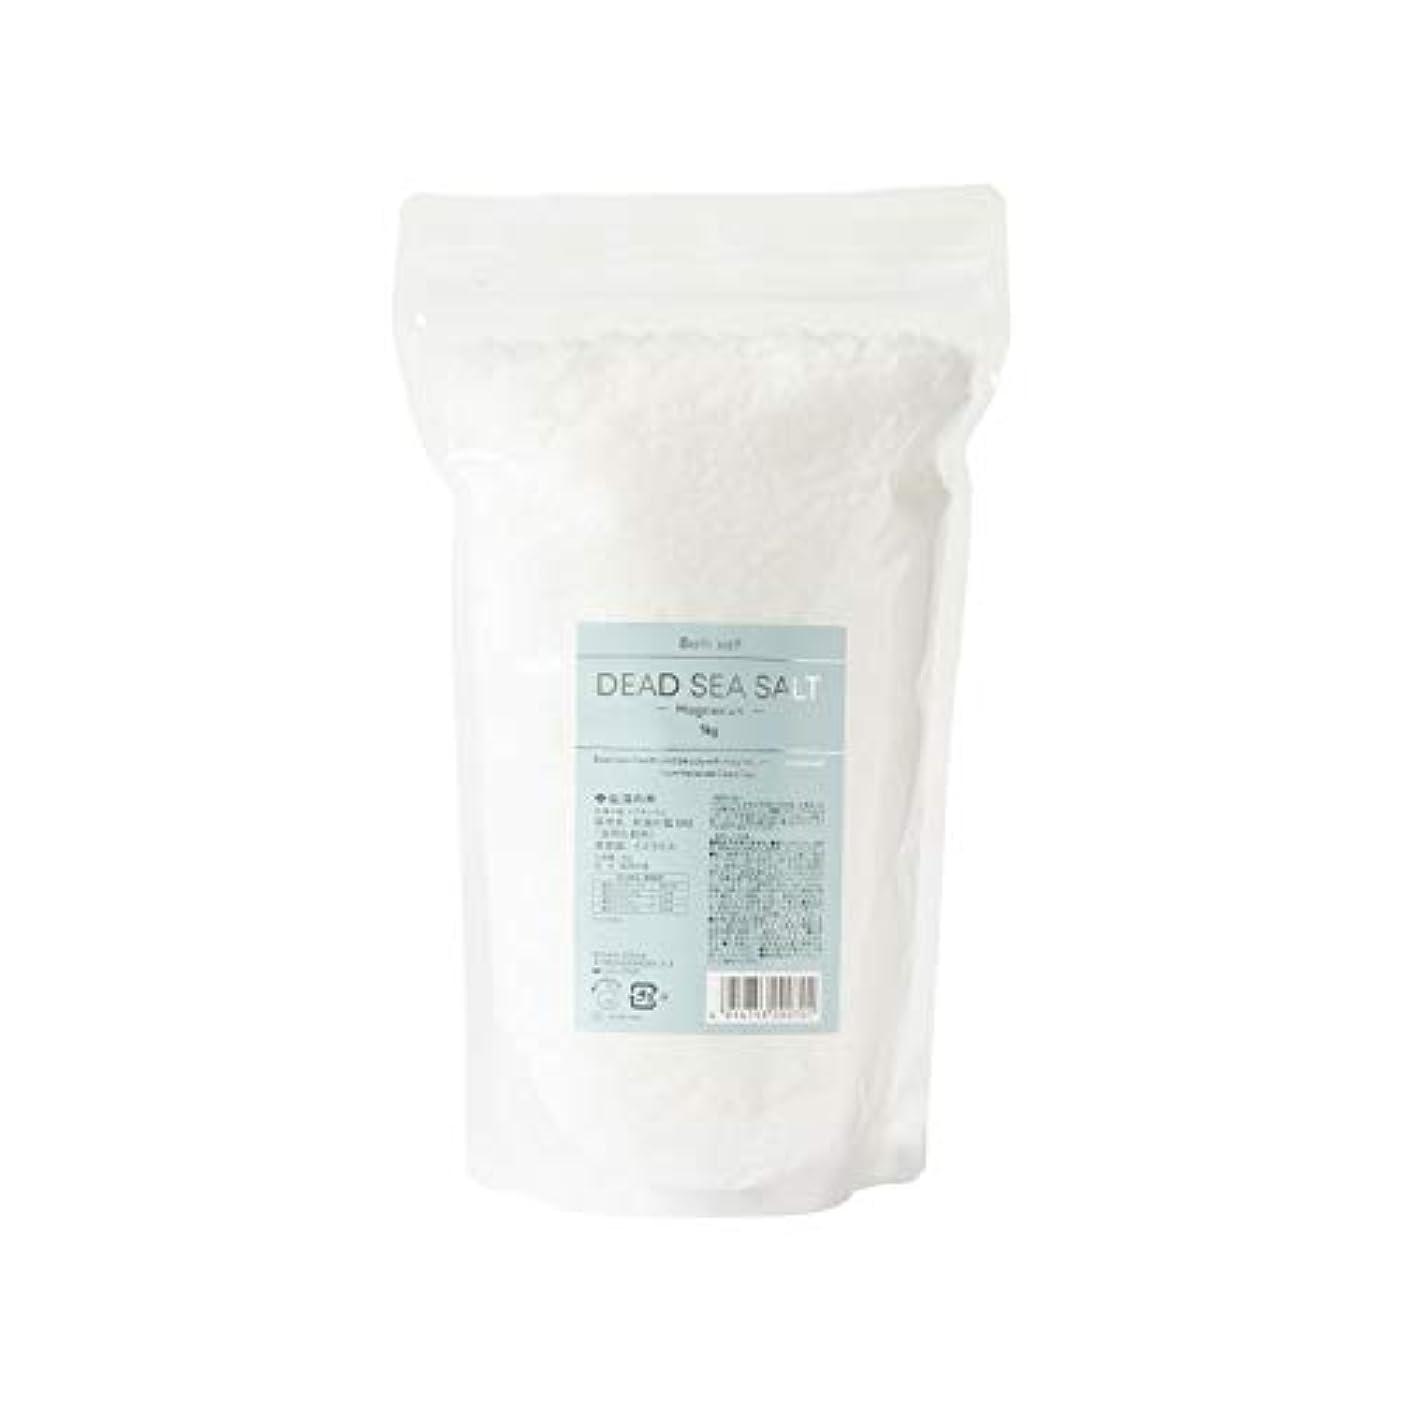 かもめ素朴な収穫生活の木 死海の塩マグネシウム 1kg